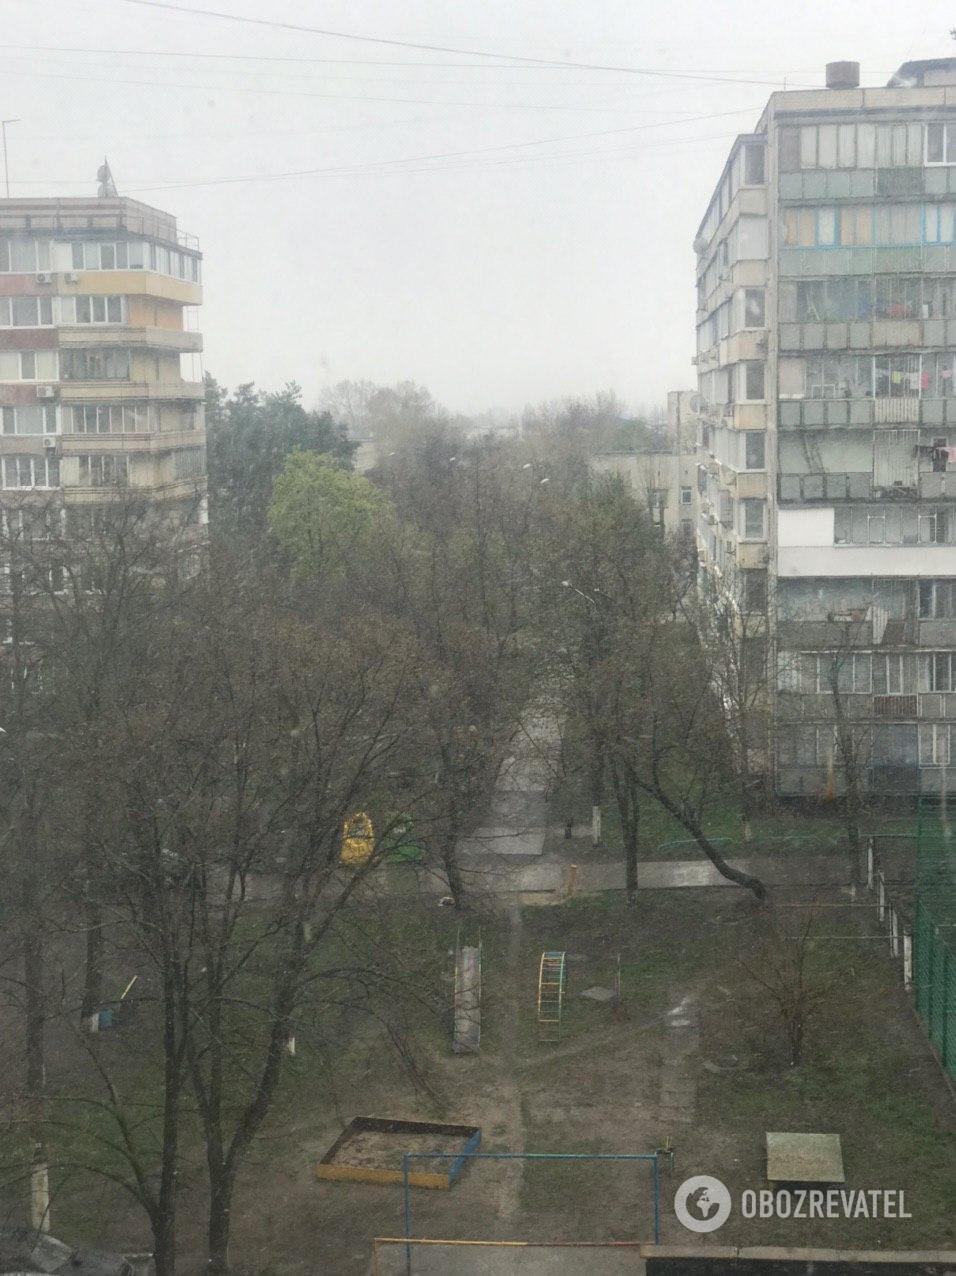 Снег в Киеве, 14 апреля 2020 год